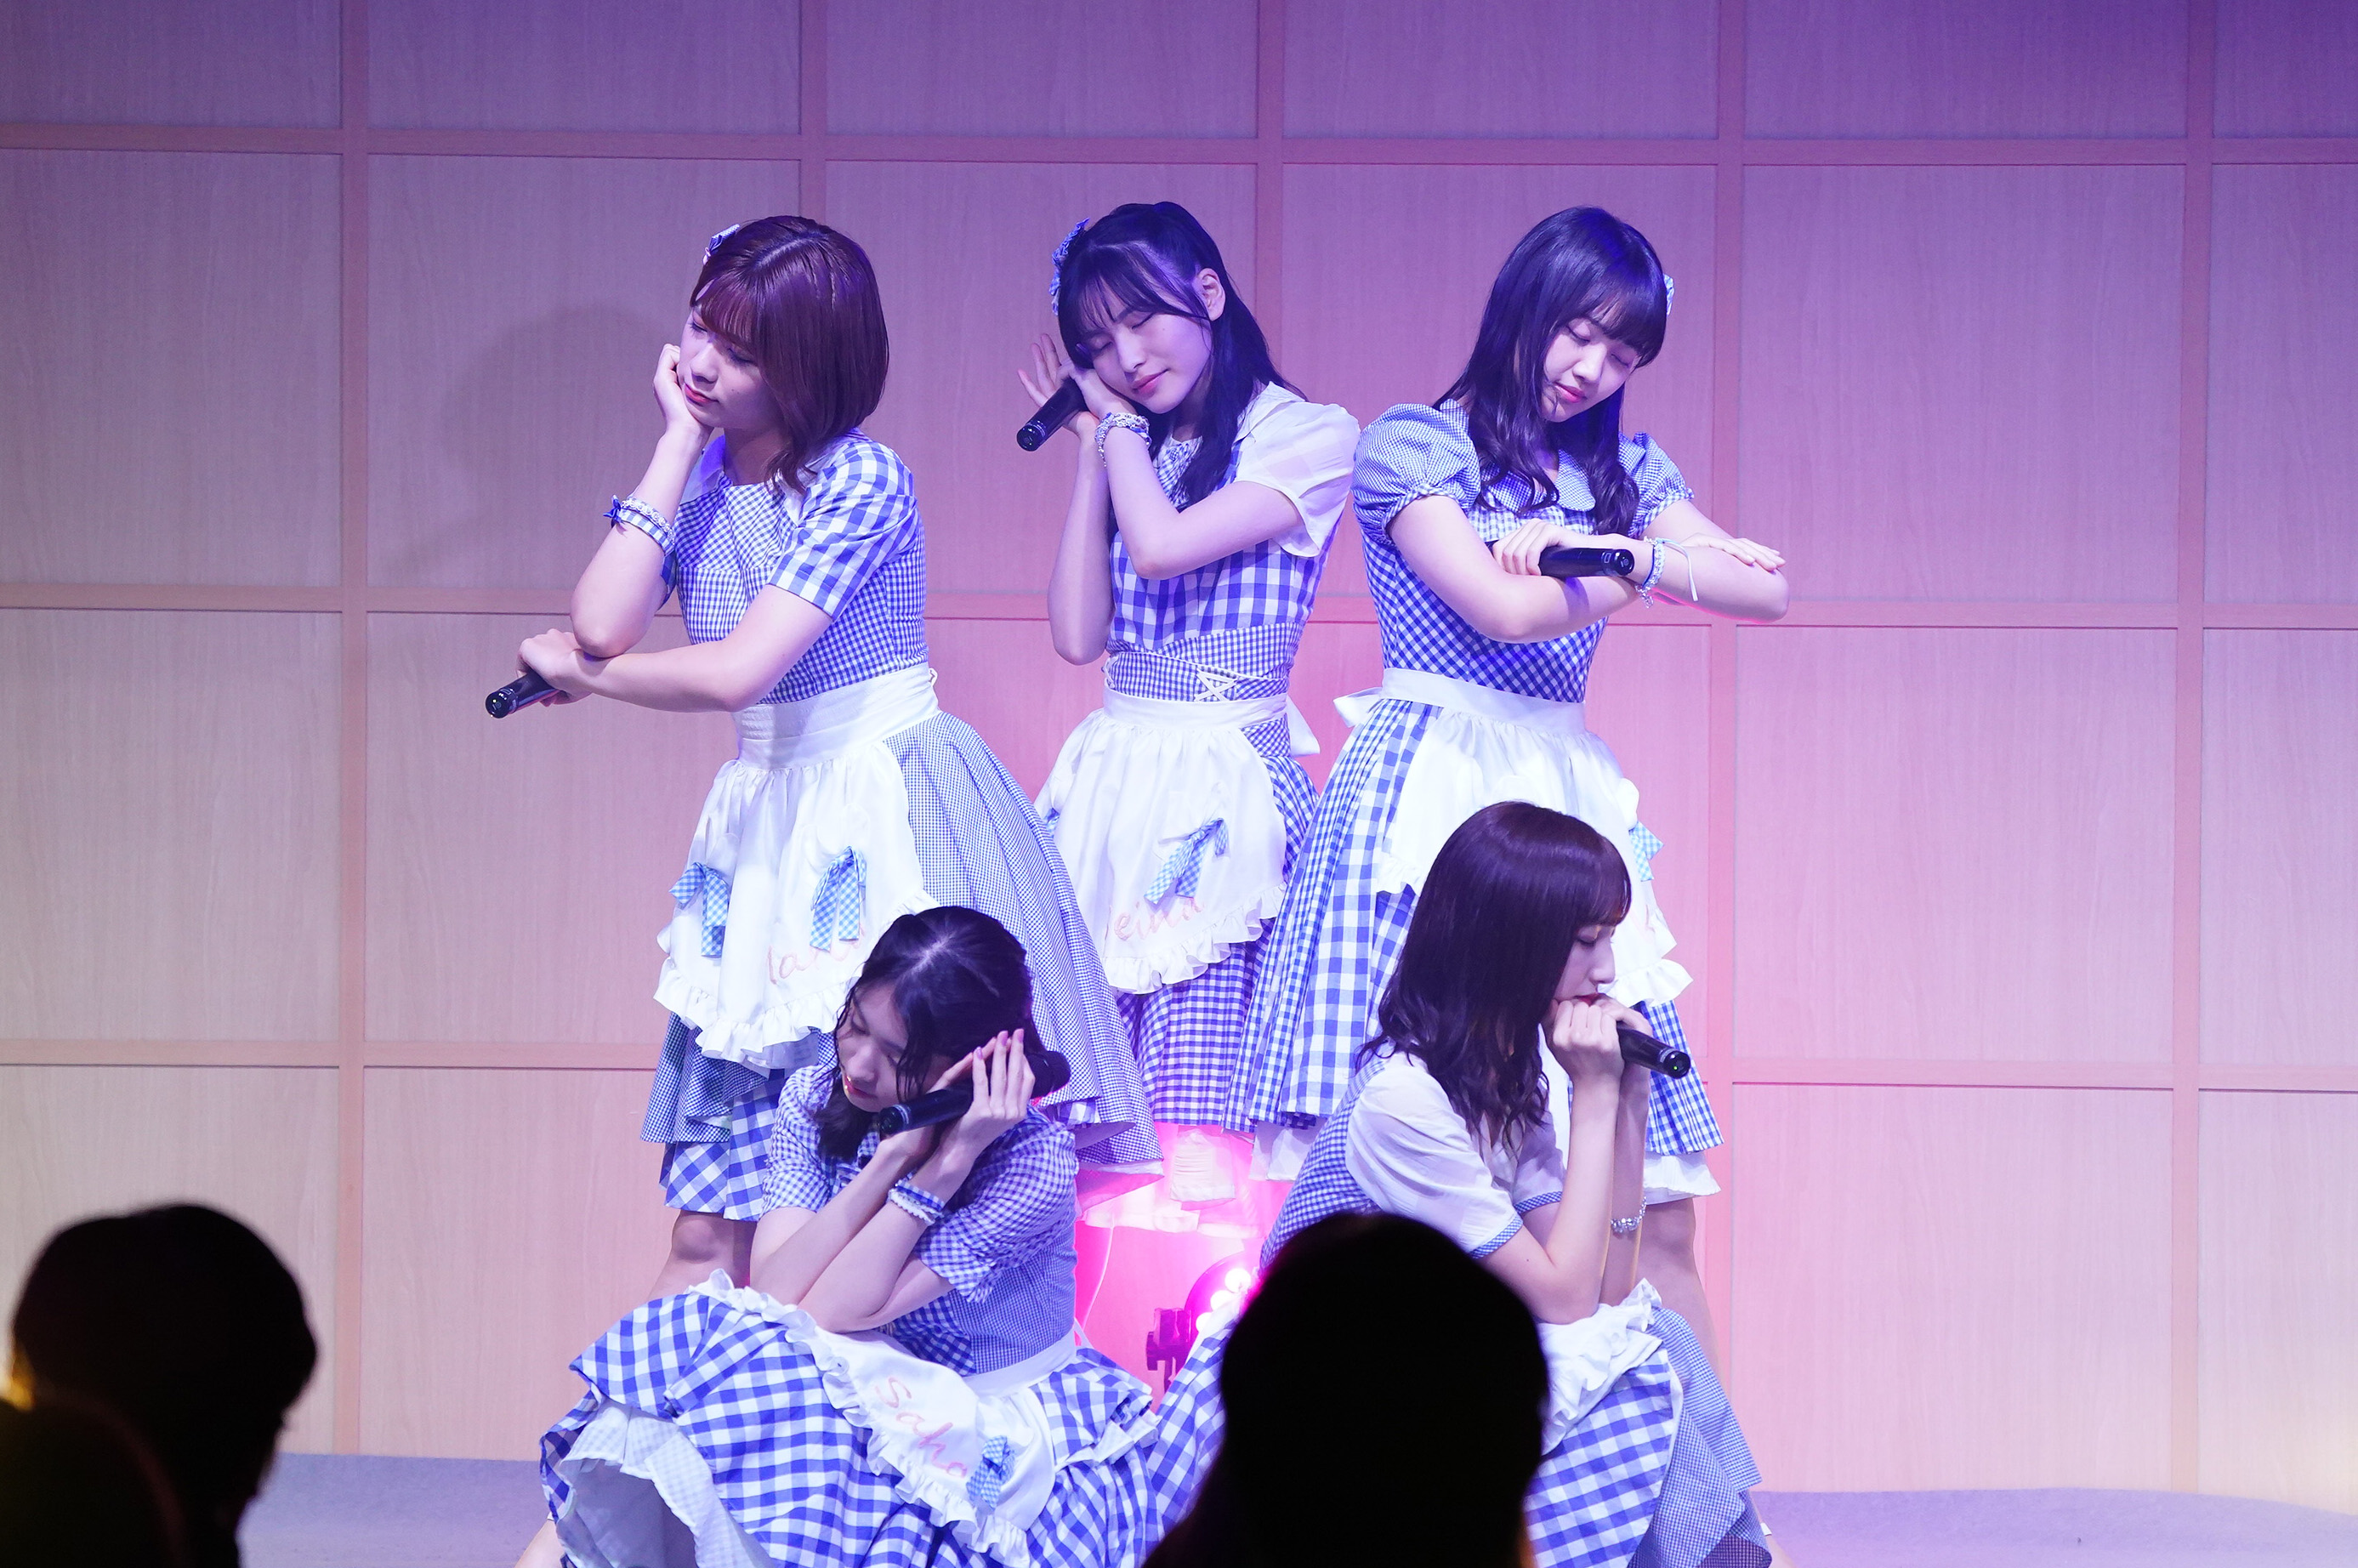 上:清⽔⿇璃亜・福岡聖菜・稲垣⾹織 下:岩⽴沙穂・⻑友彩海 (C) AKB48